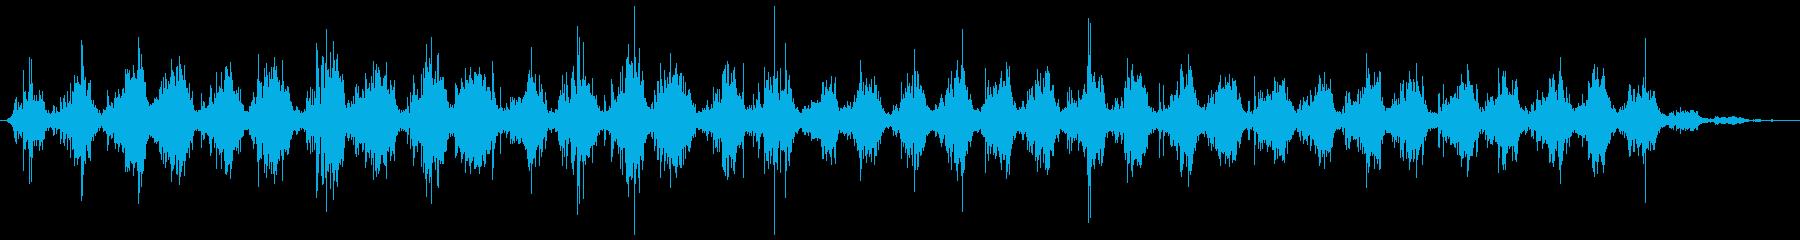 歯磨きする音 しっかり(シャカシャカ…)の再生済みの波形